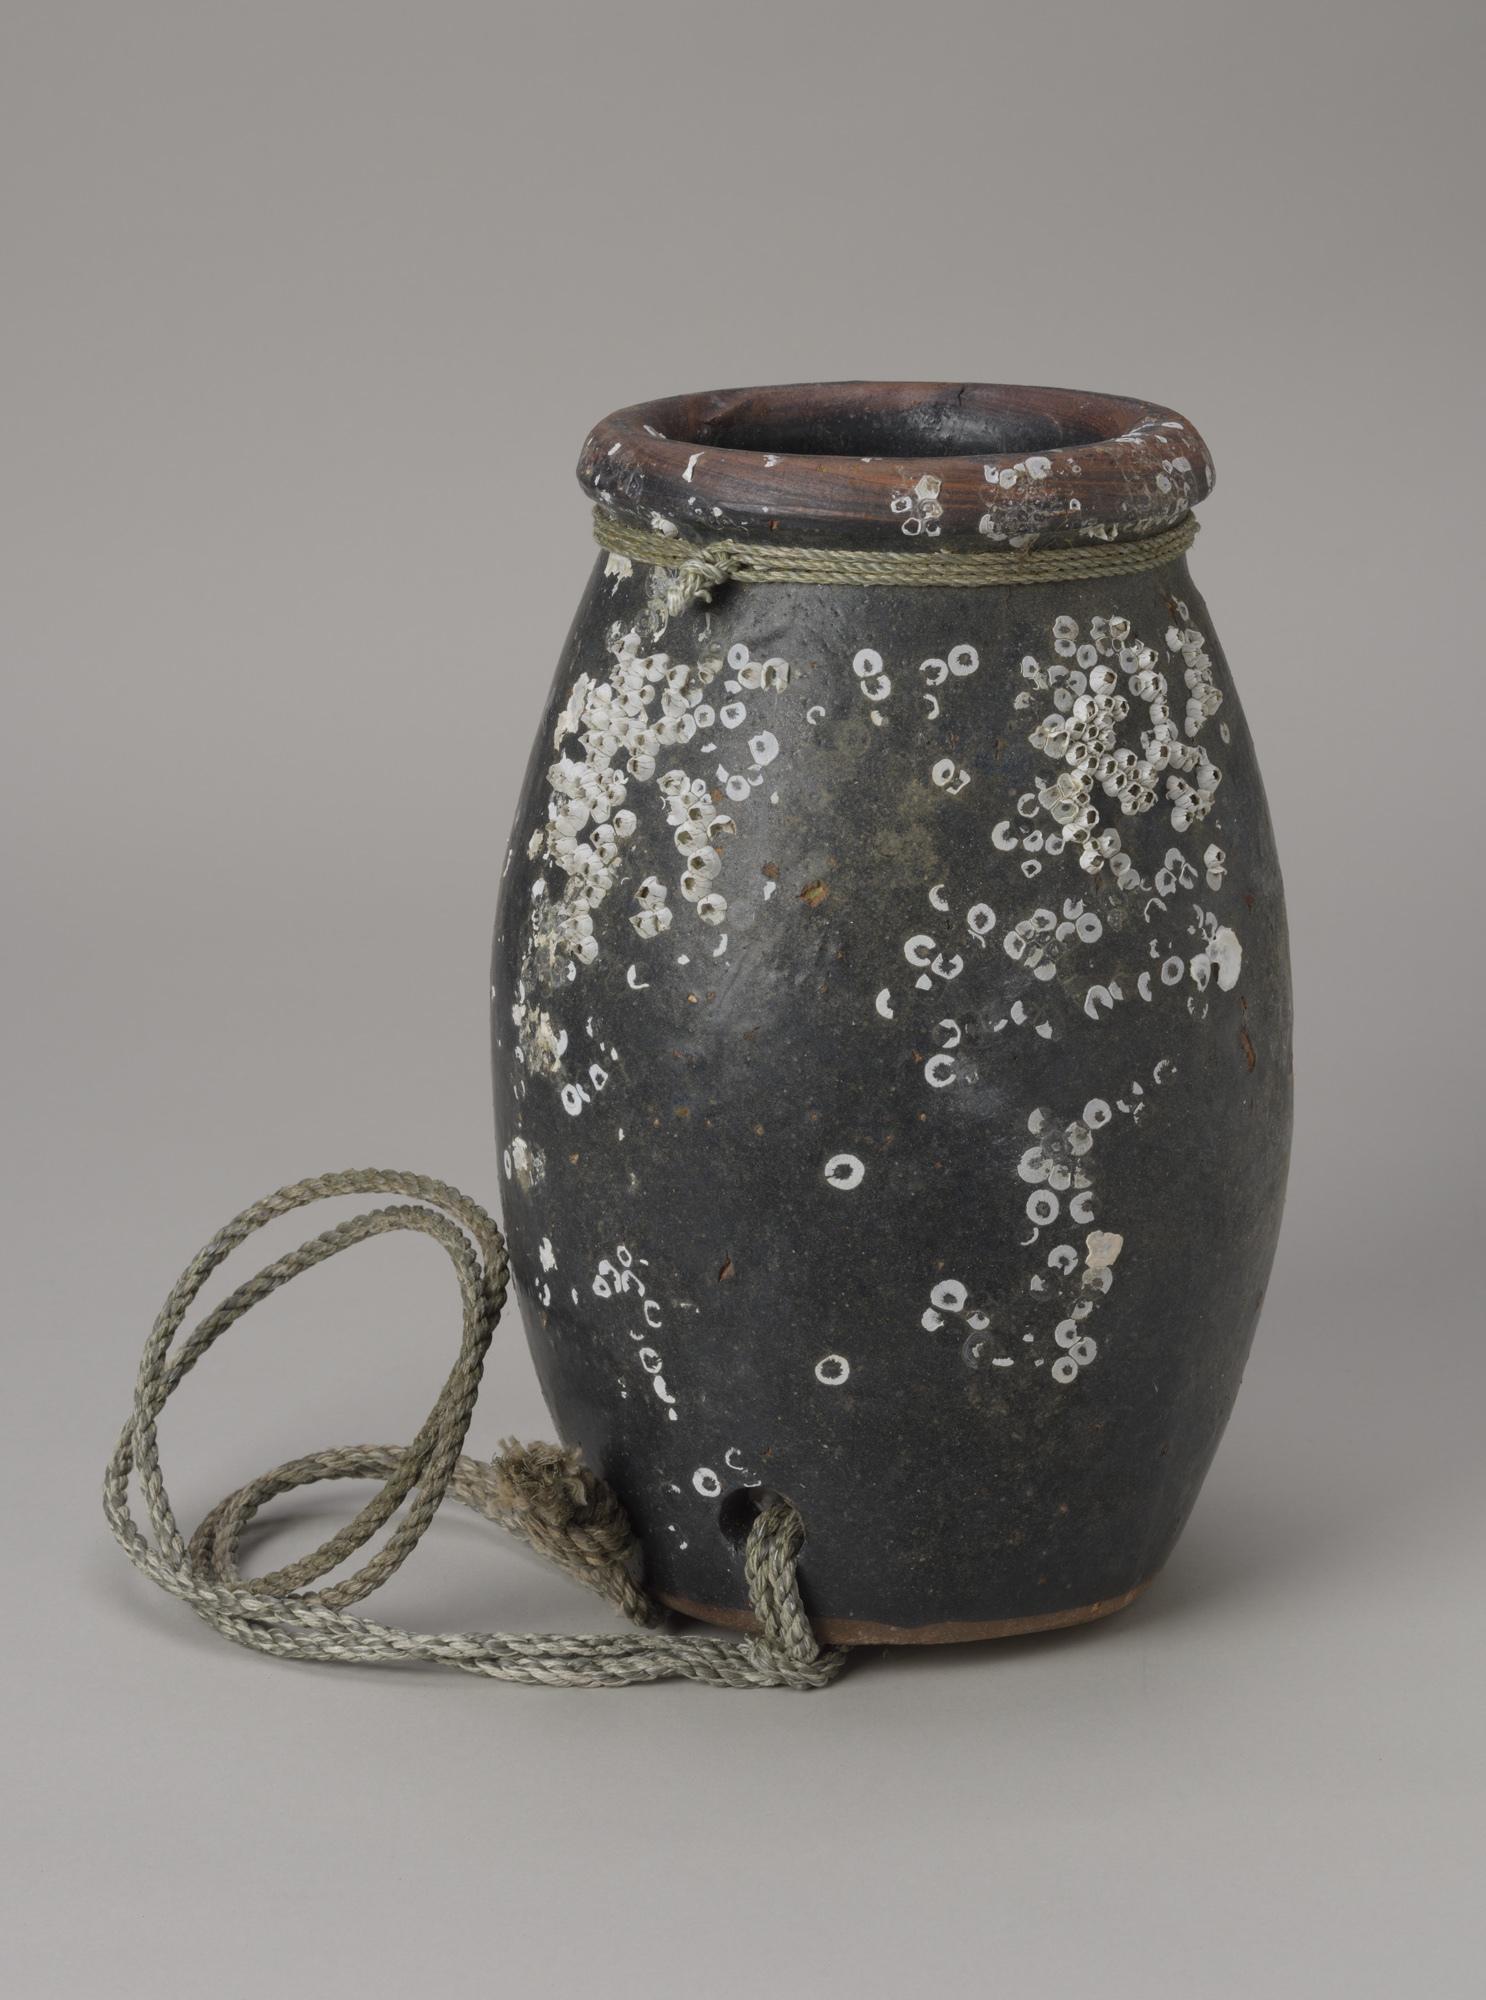 水俣漁夫のたこ壷 国立歴史民俗博物館蔵